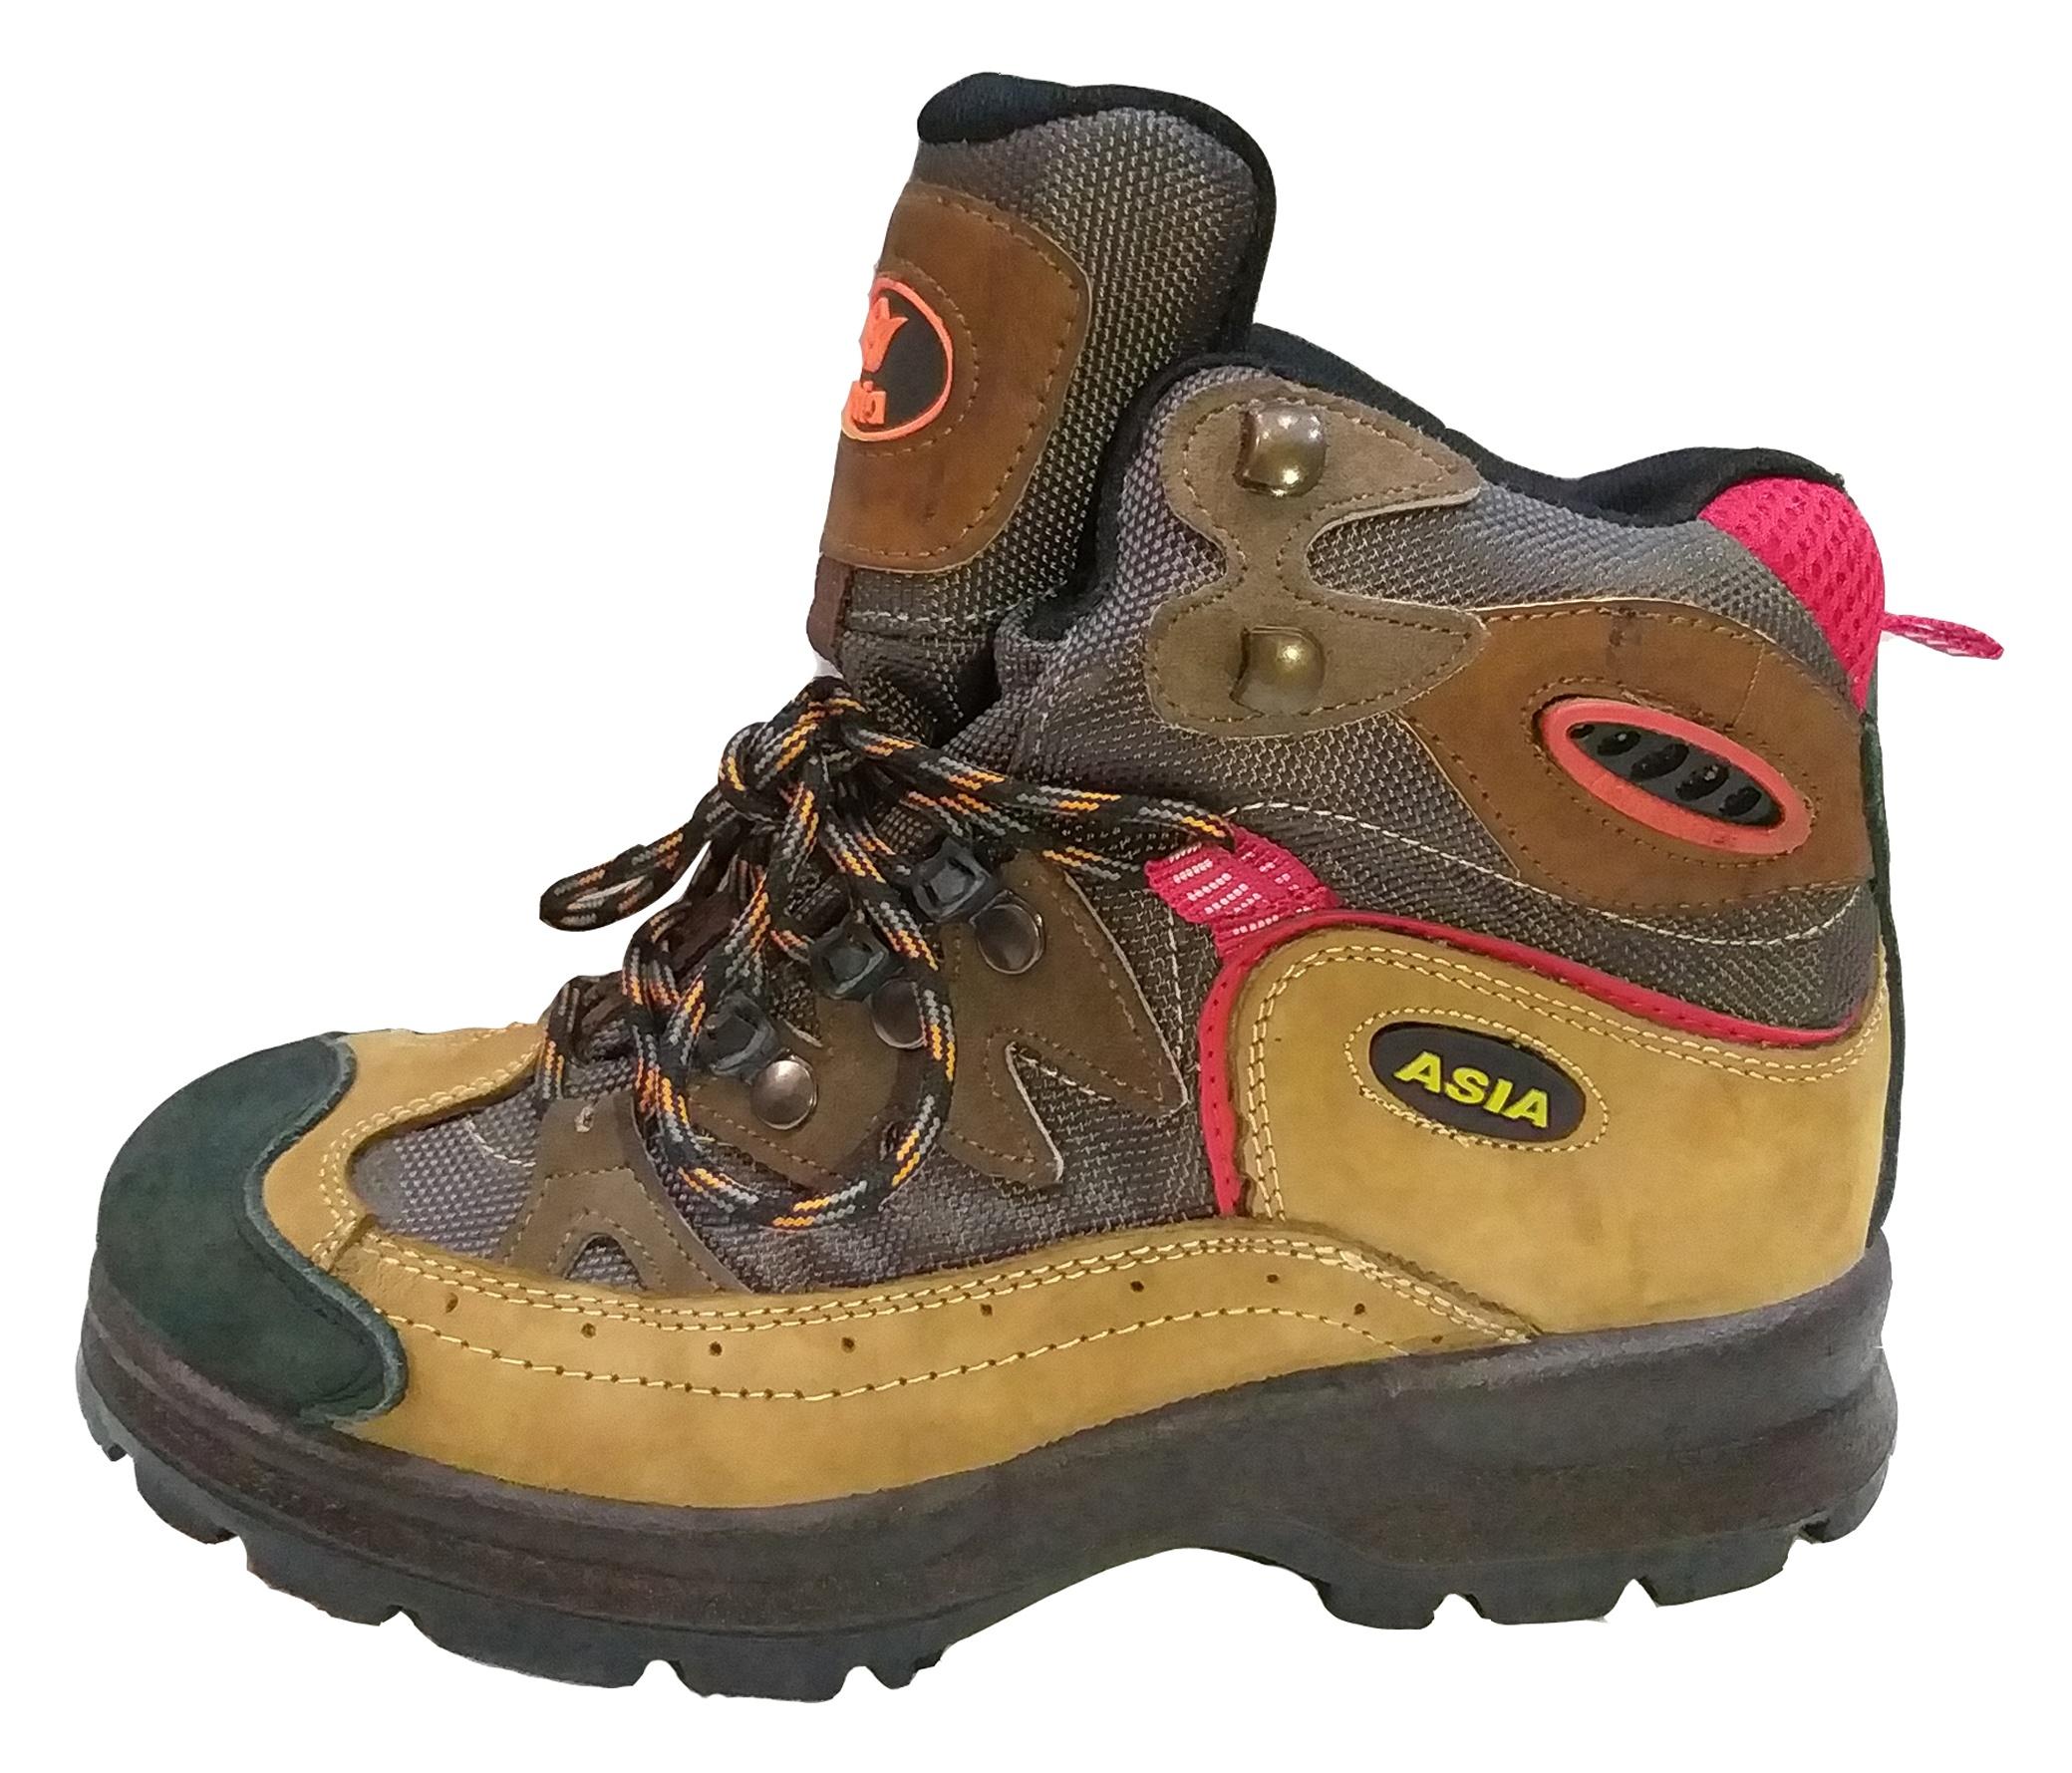 خرید کفش کوهنوردی زنانه آسیا مدل اسکارپا کد 458